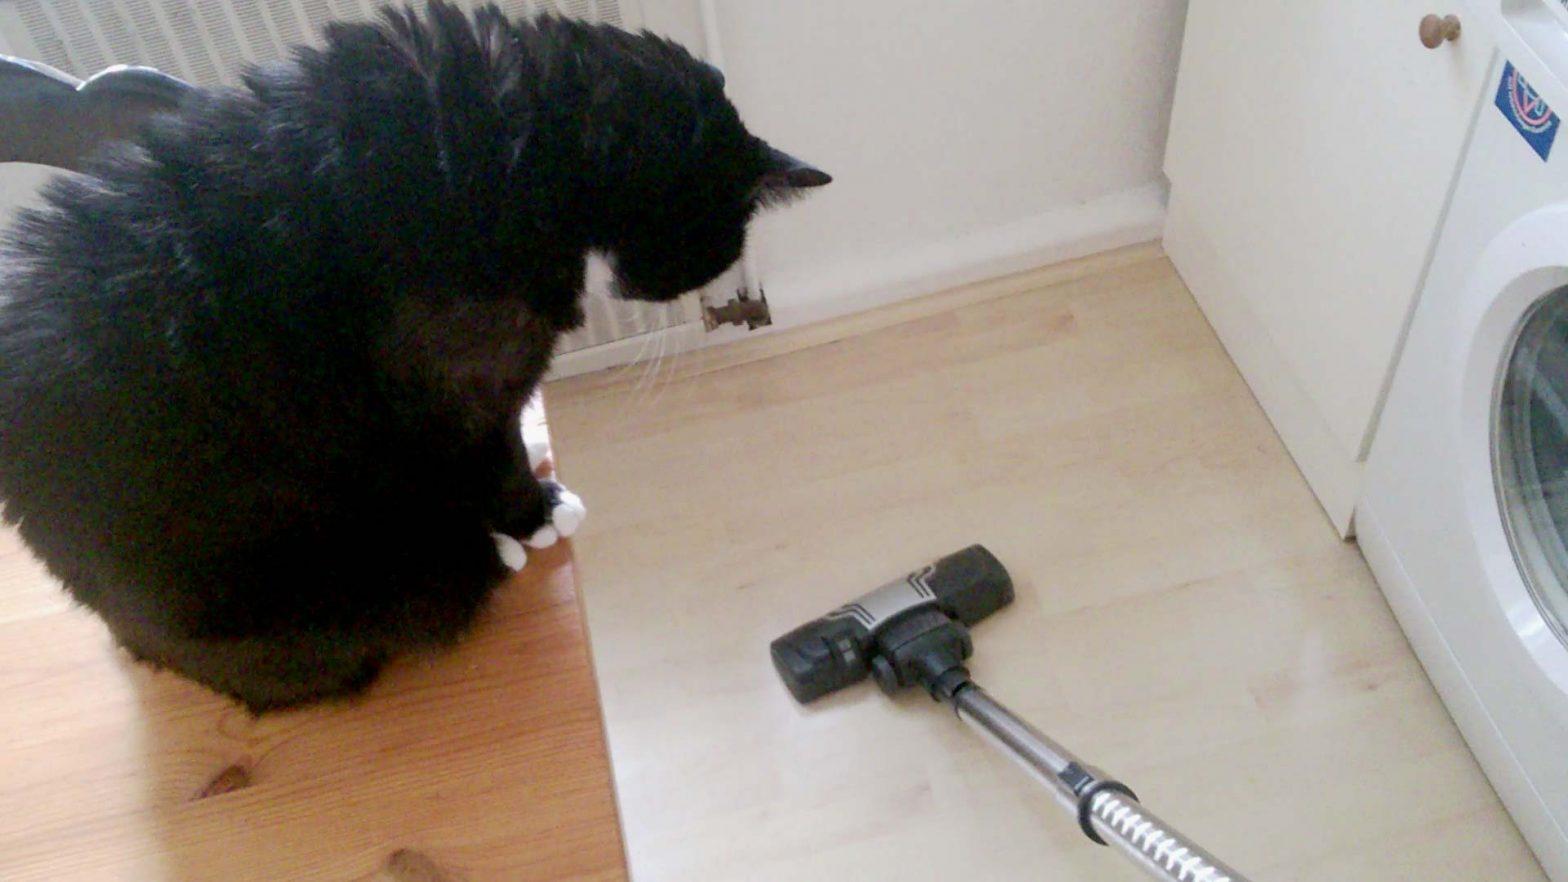 Luz schaut von oben zu: Katze hat keine Angst vor Staubsauger